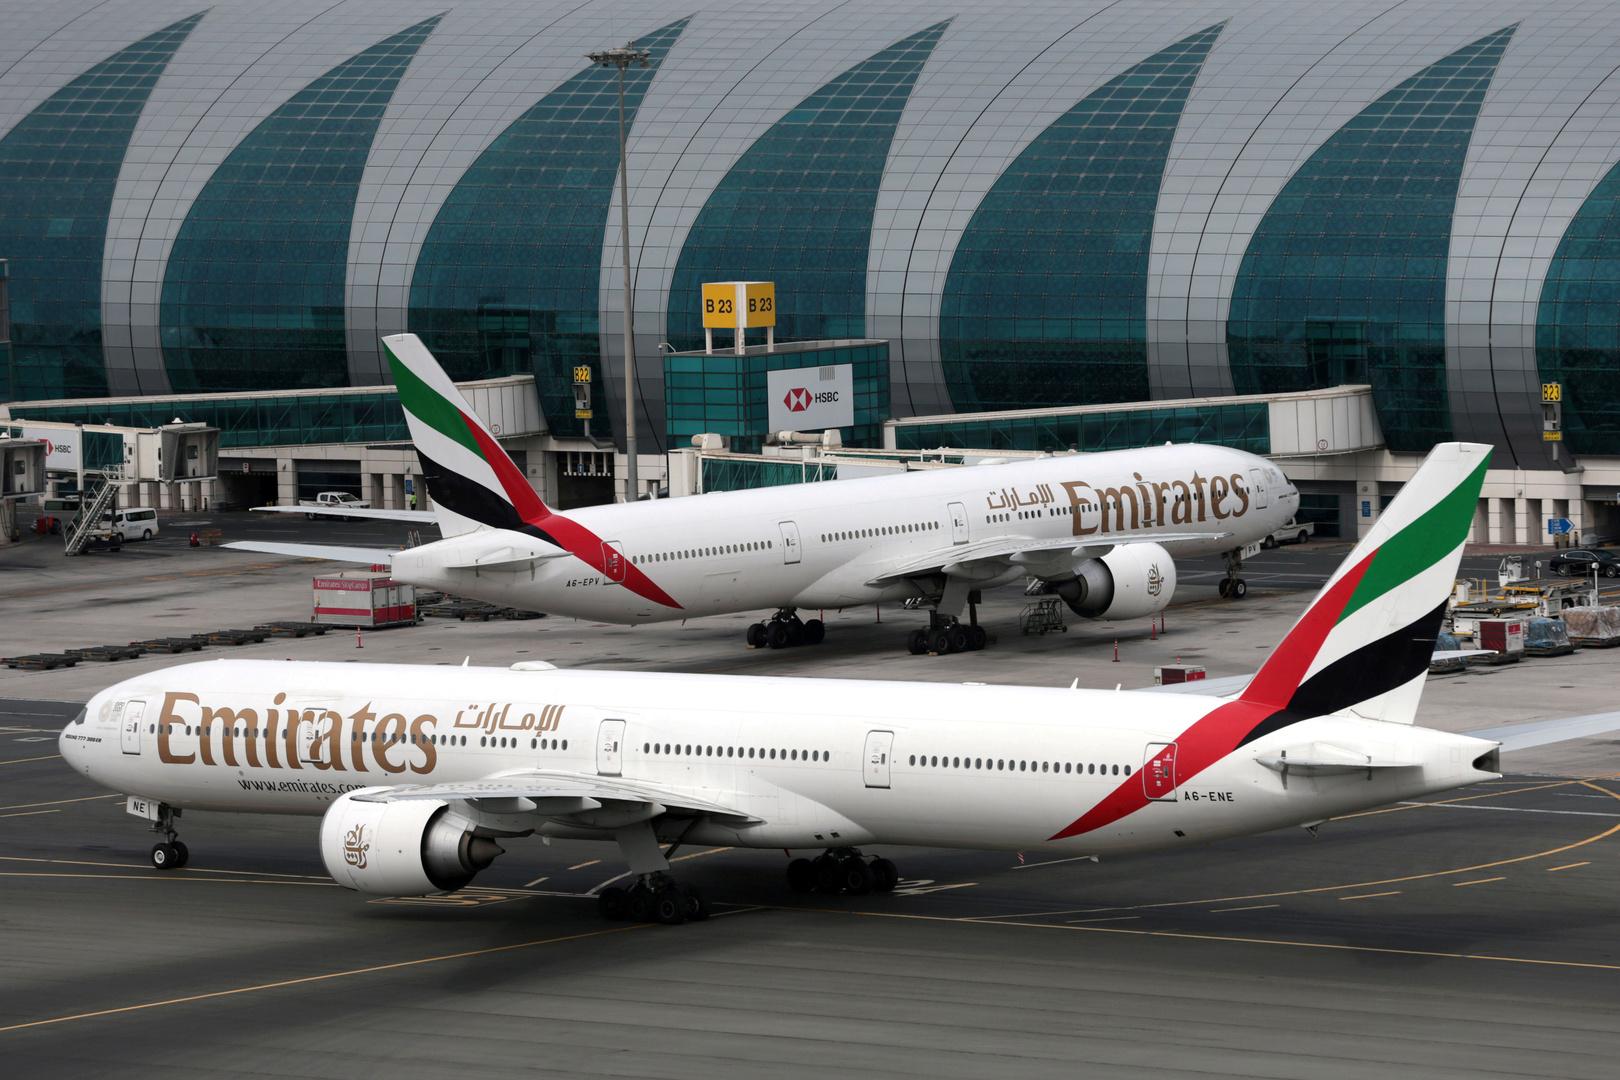 الإمارات تستعجل وتغلق بواباتها الجوية مساء أمس قبل الموعد المعلن بيوم